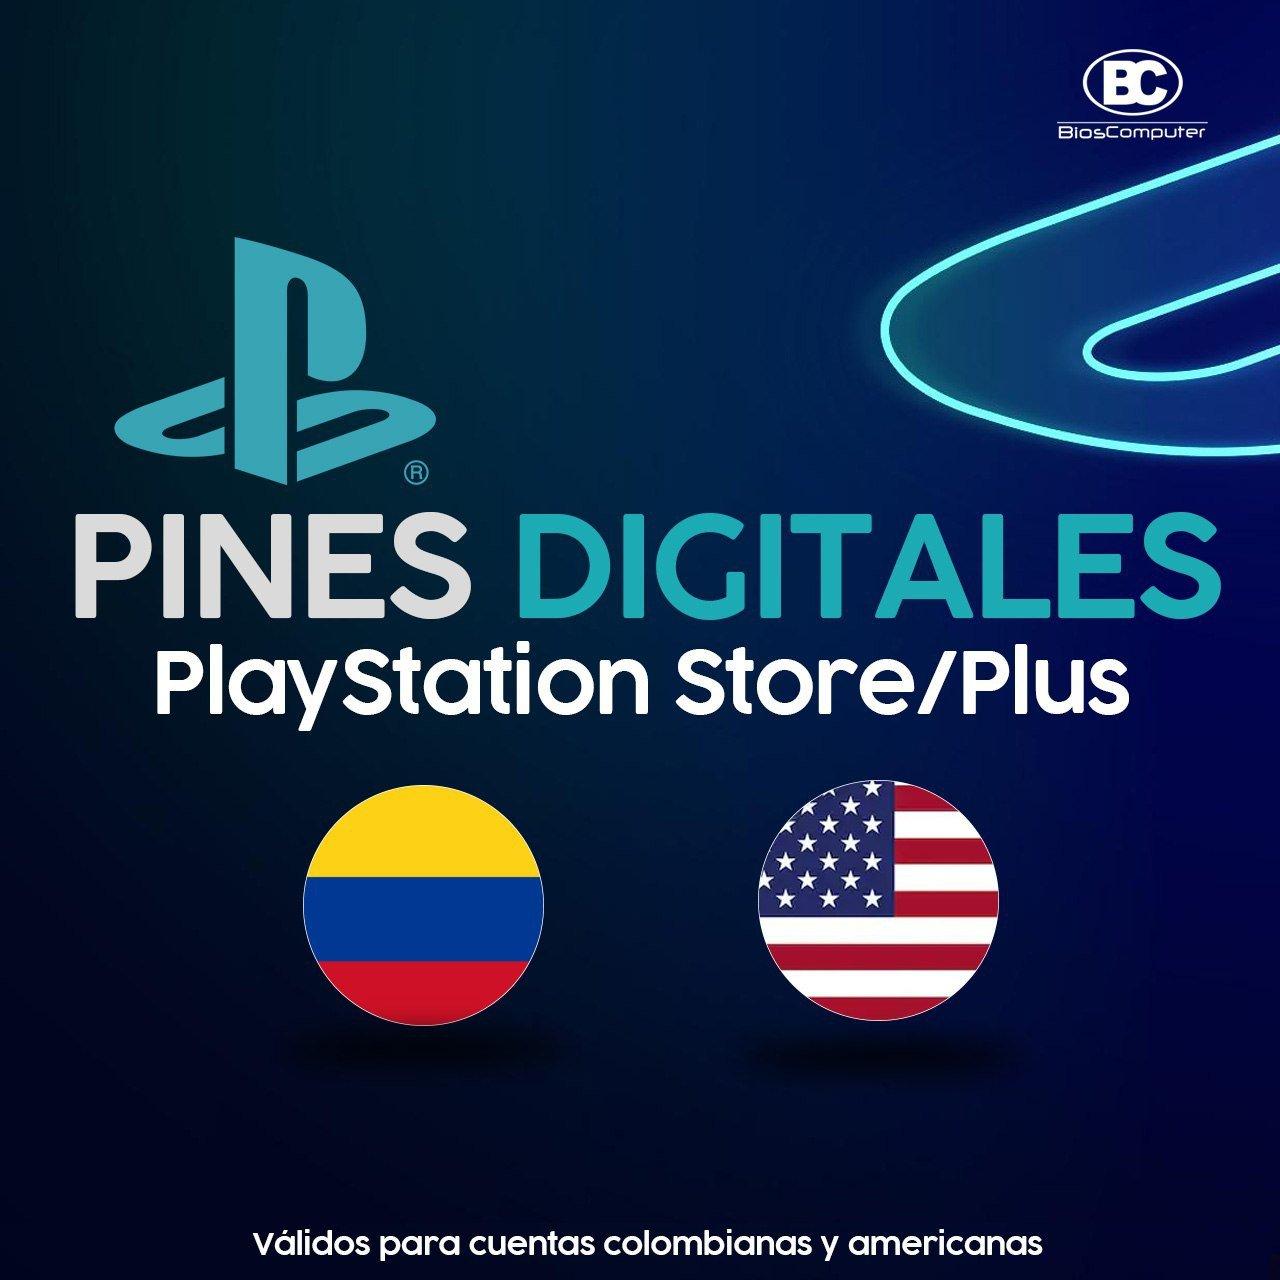 PINES DIGITALES